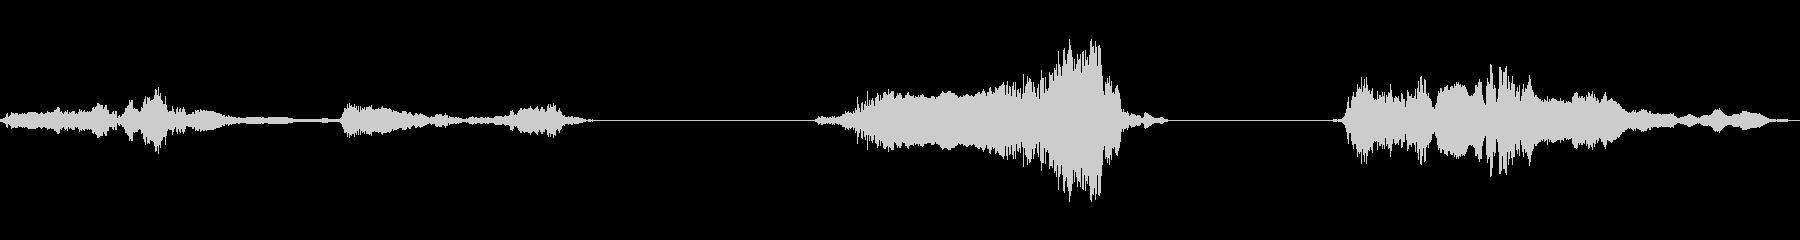 ショートスクレープ;中周波;ヒンジ...の未再生の波形